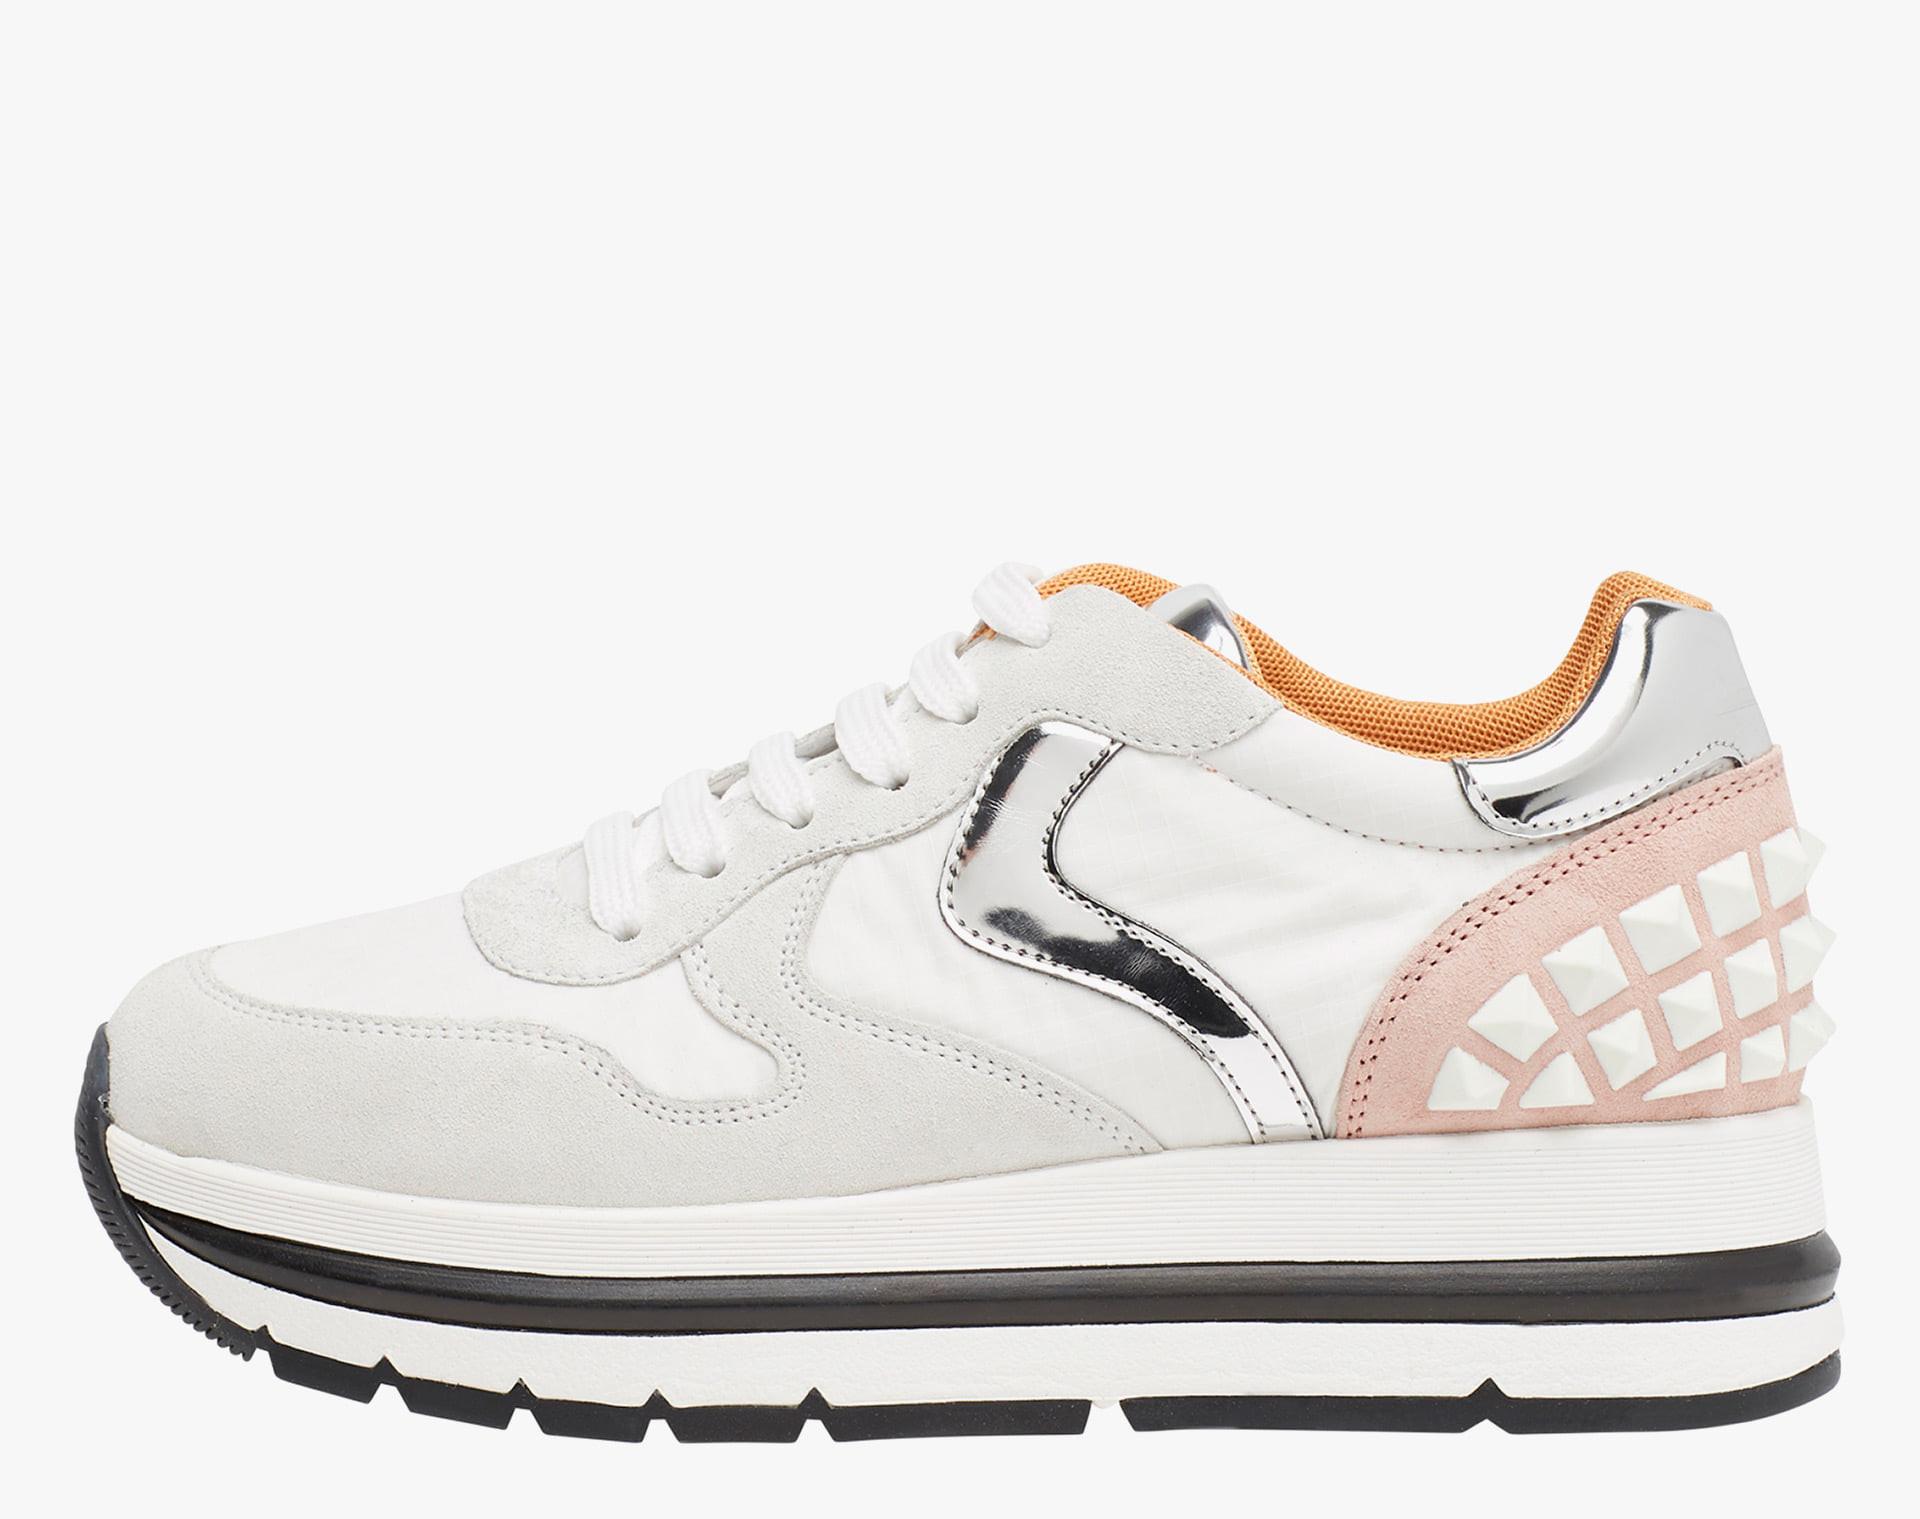 MARAN STUDS - Sneaker in suede e tessuto tecnico  - Bianco/Argento/Rosa